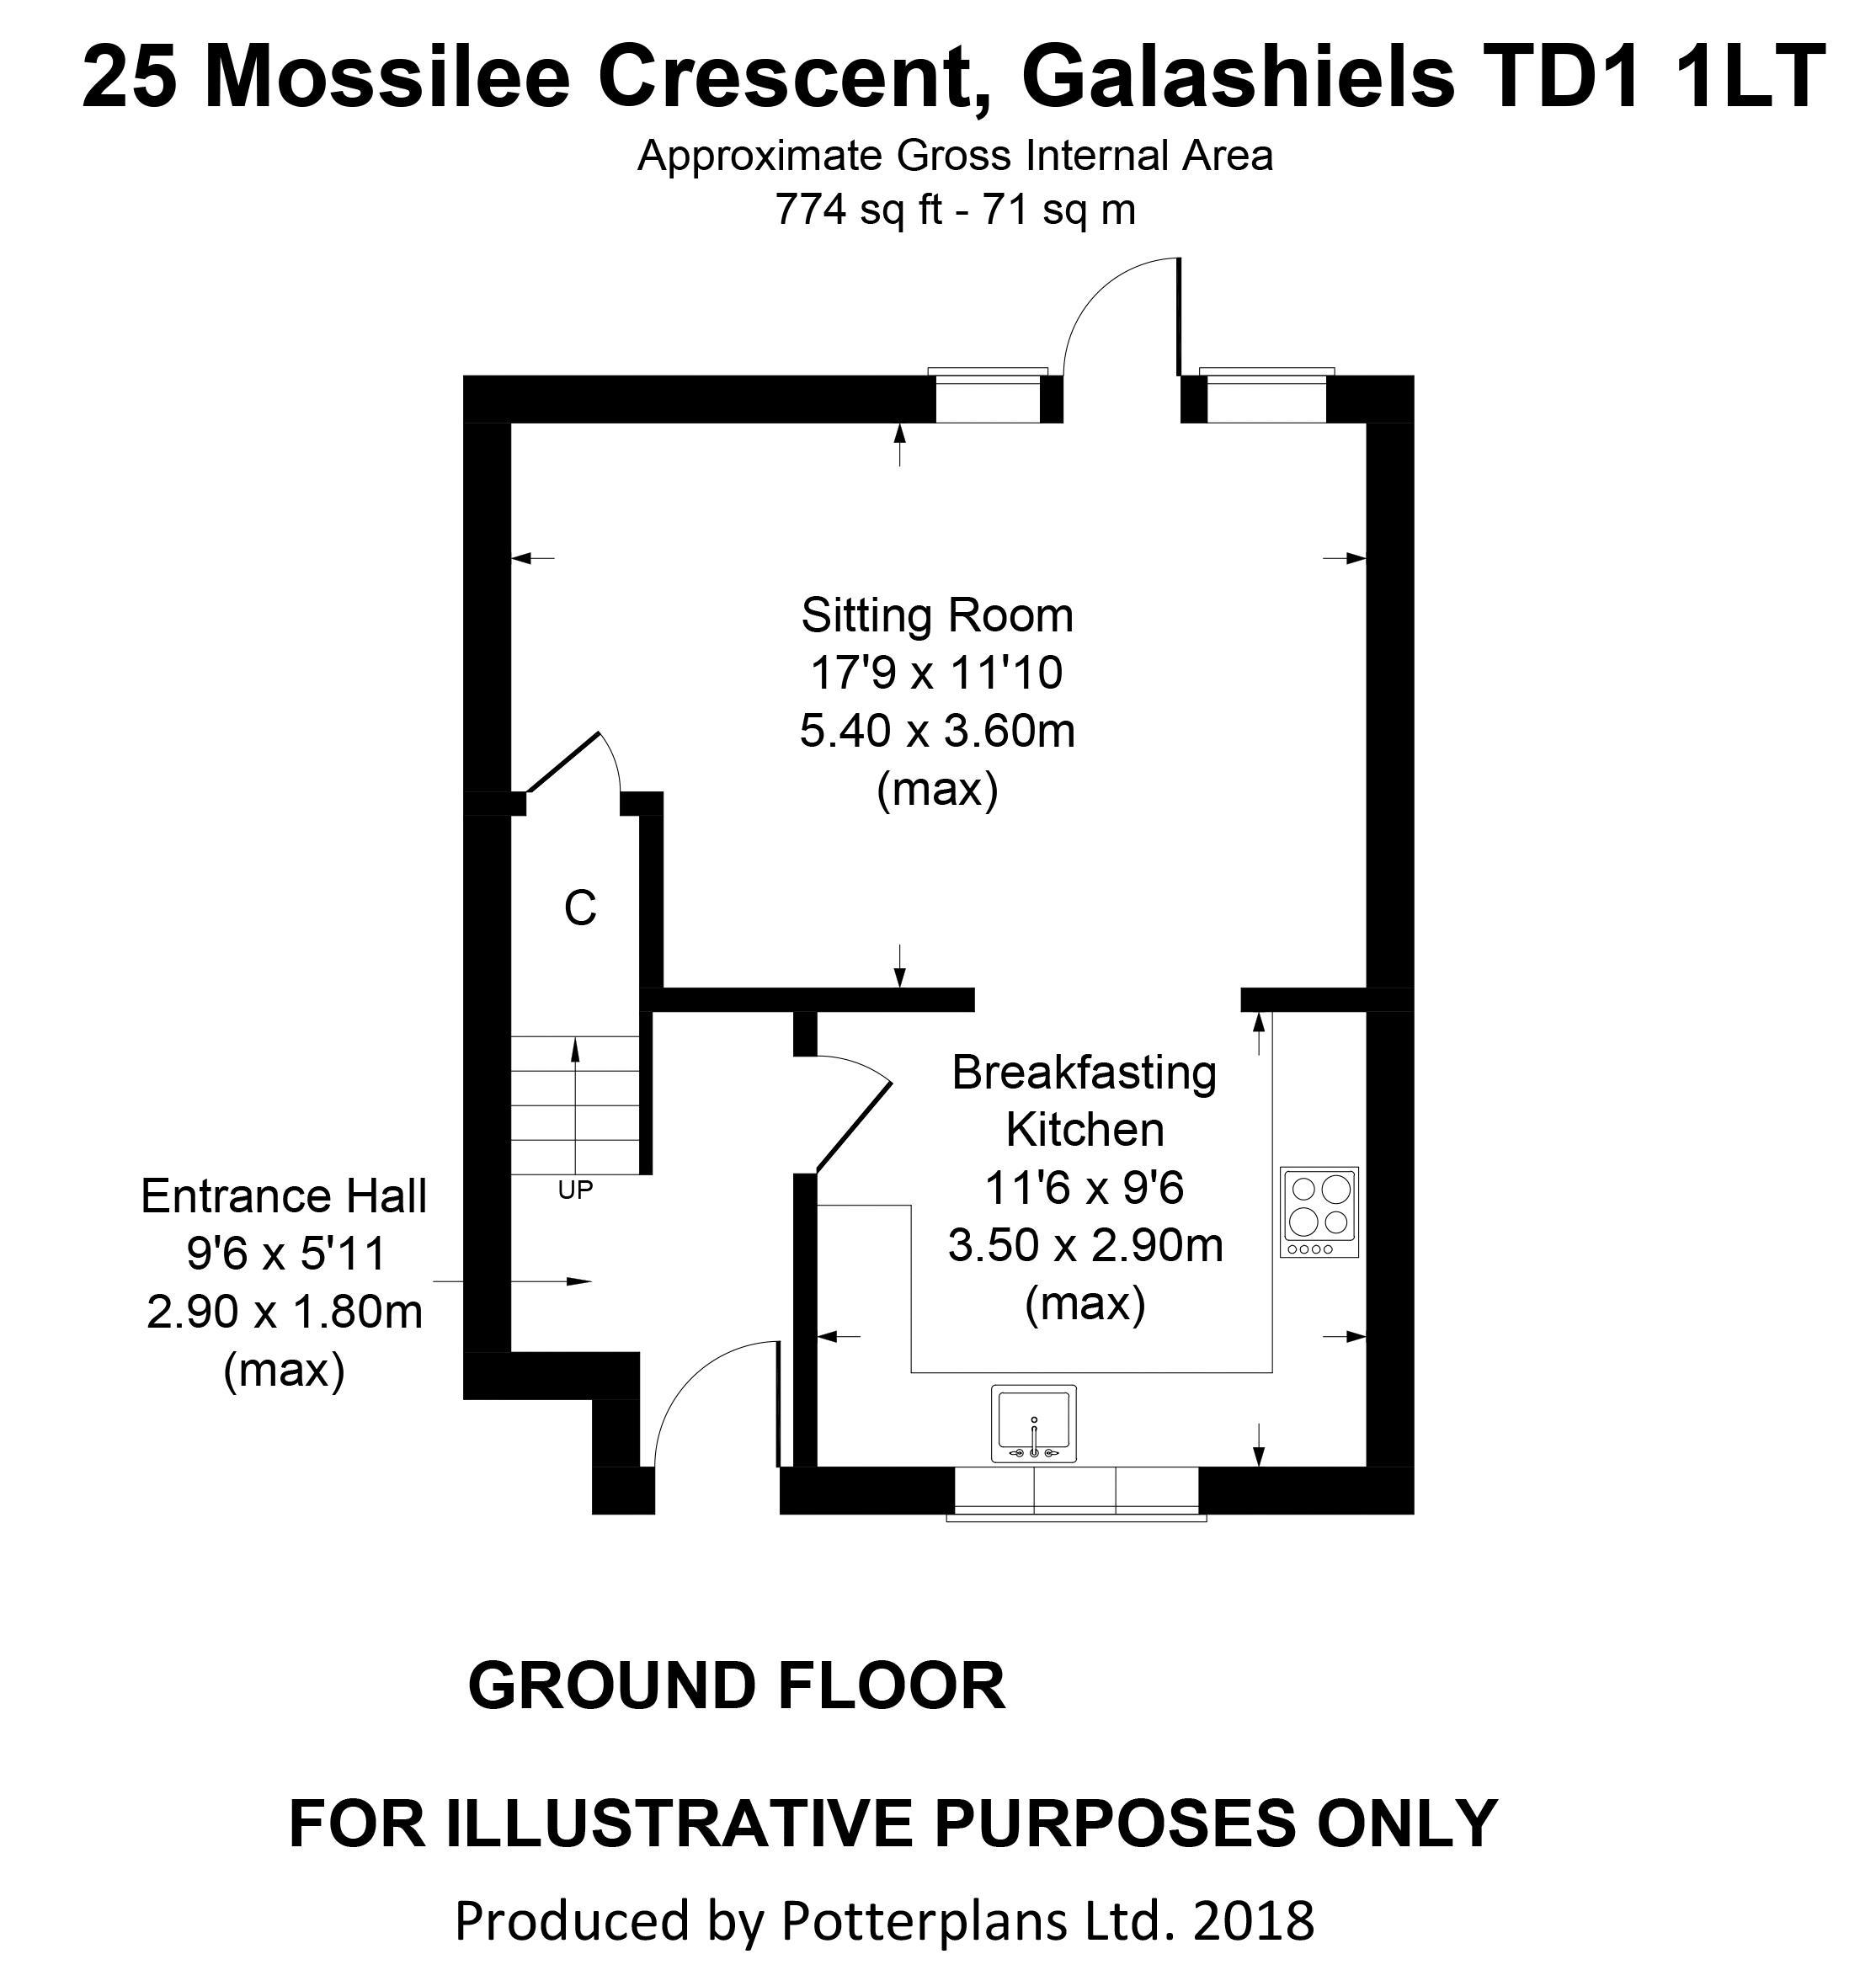 25 Mossilee Crescent Ground Floor